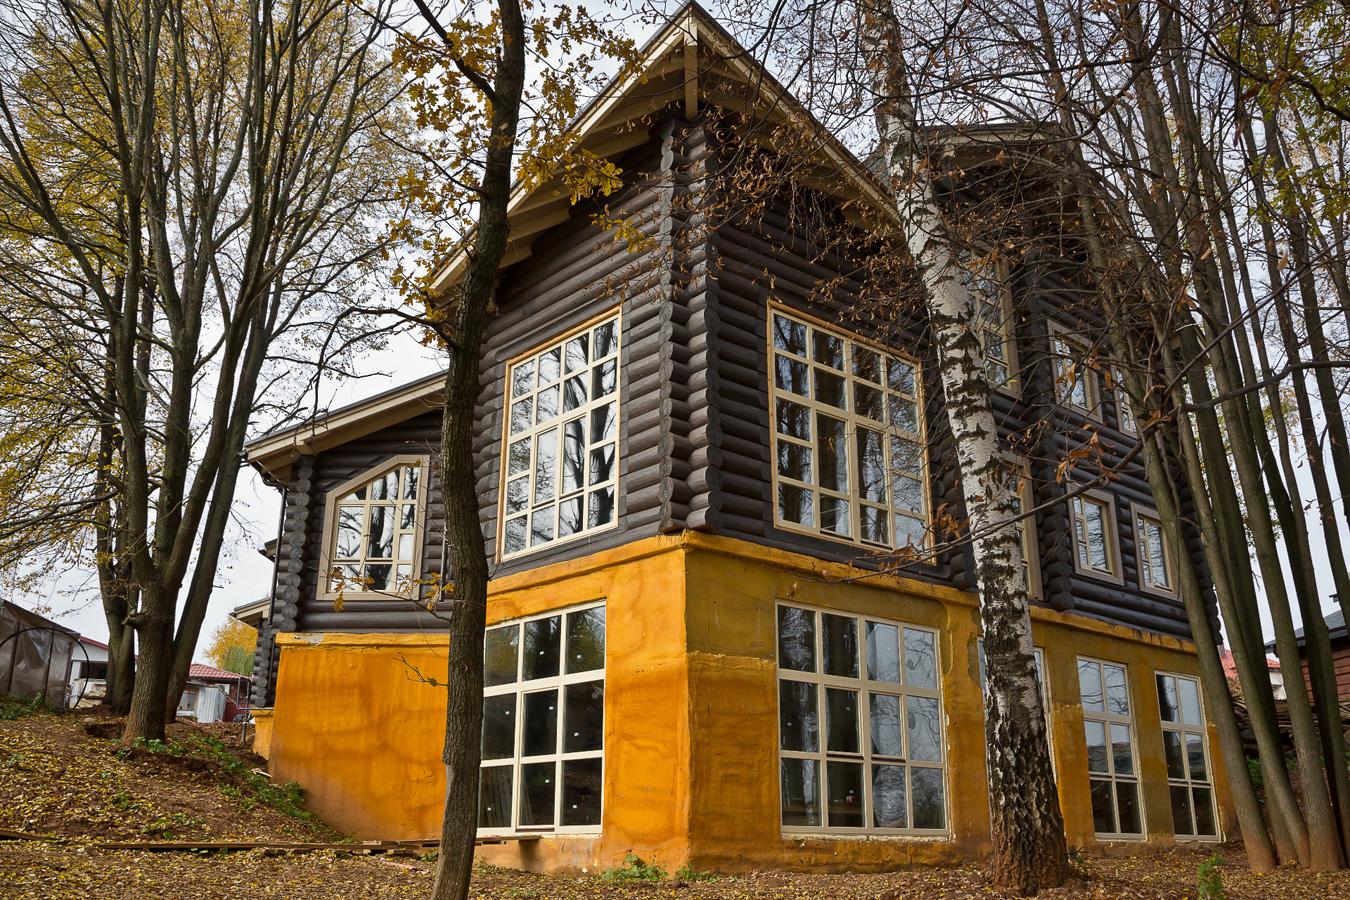 lv5_9389. Интерьерная и архитектурная съемка, фотограф Лена Волкова